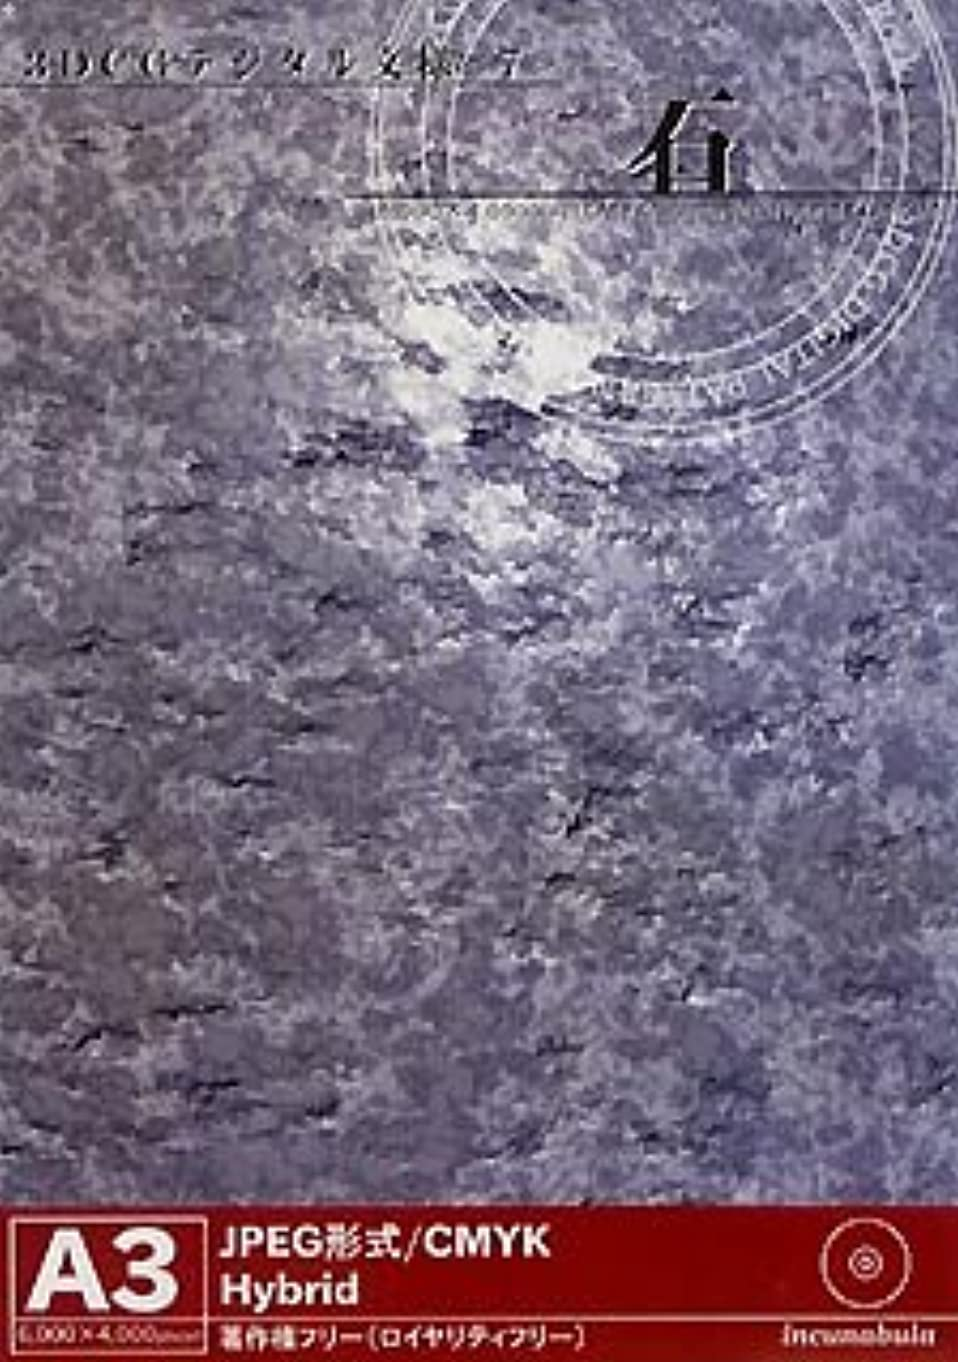 線形多様な露出度の高い3DCGデジタル文様 7 「石」